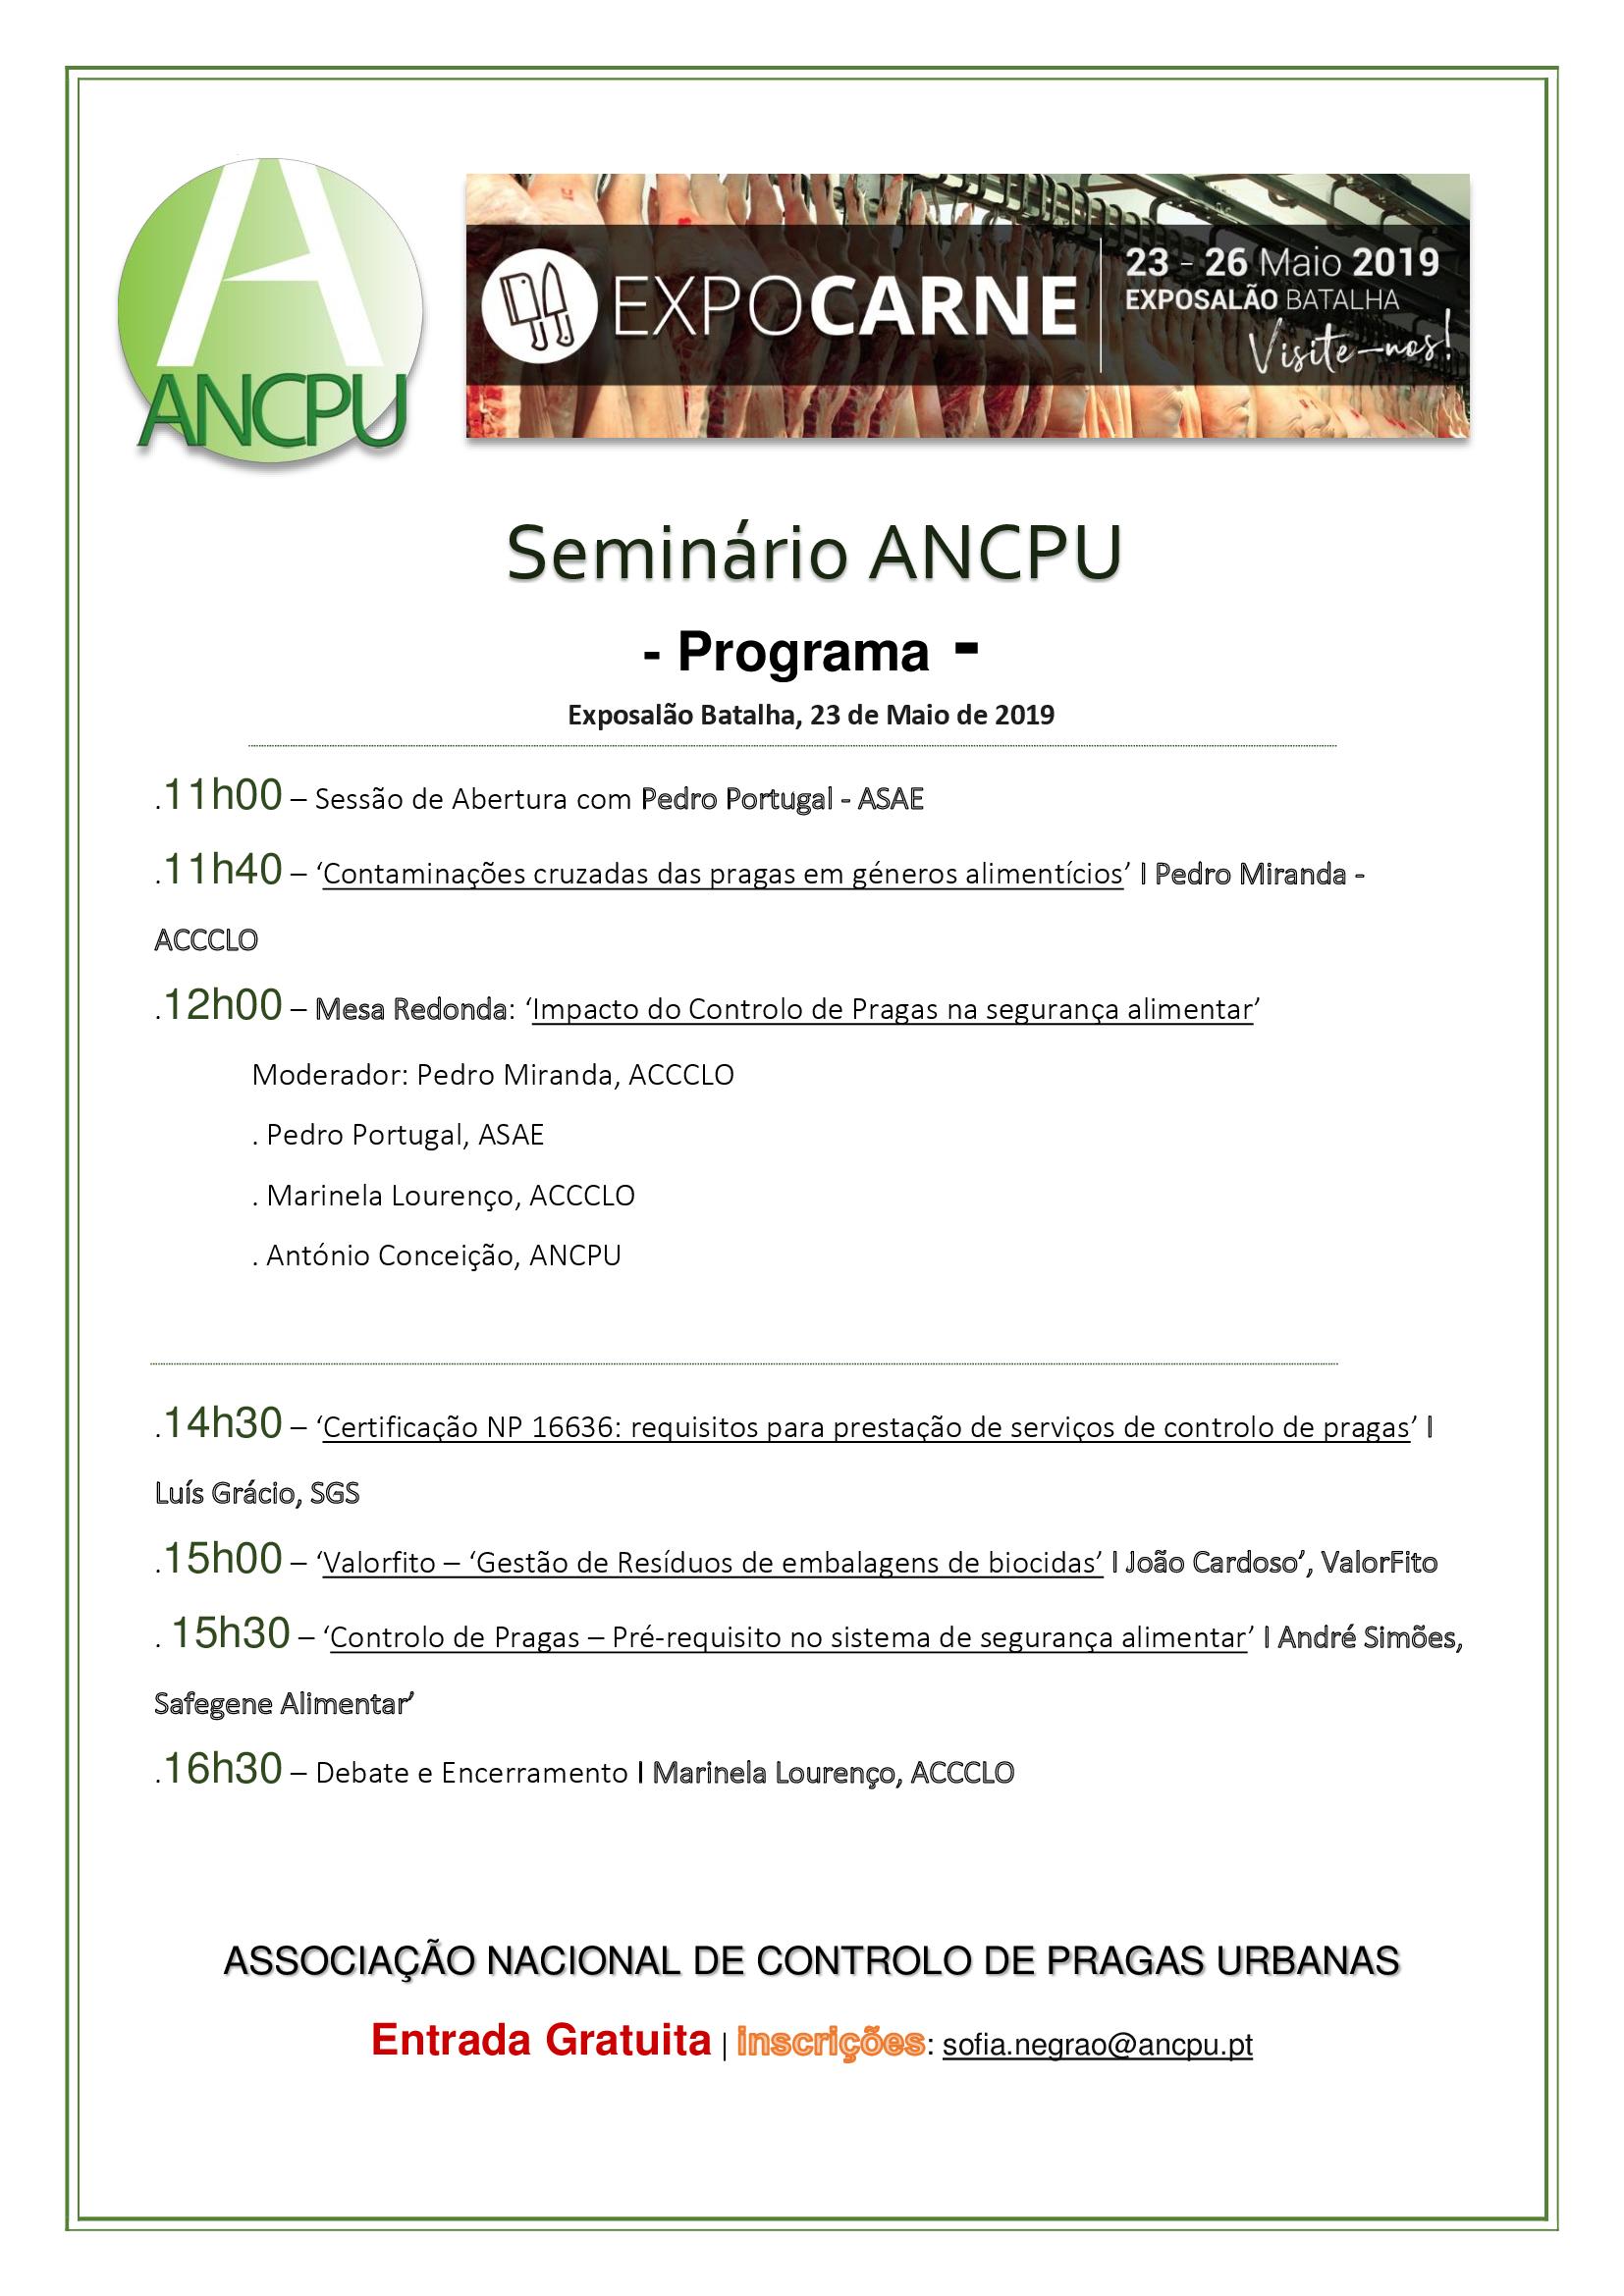 Seminário ANCPU Expocarne 23.05.2019